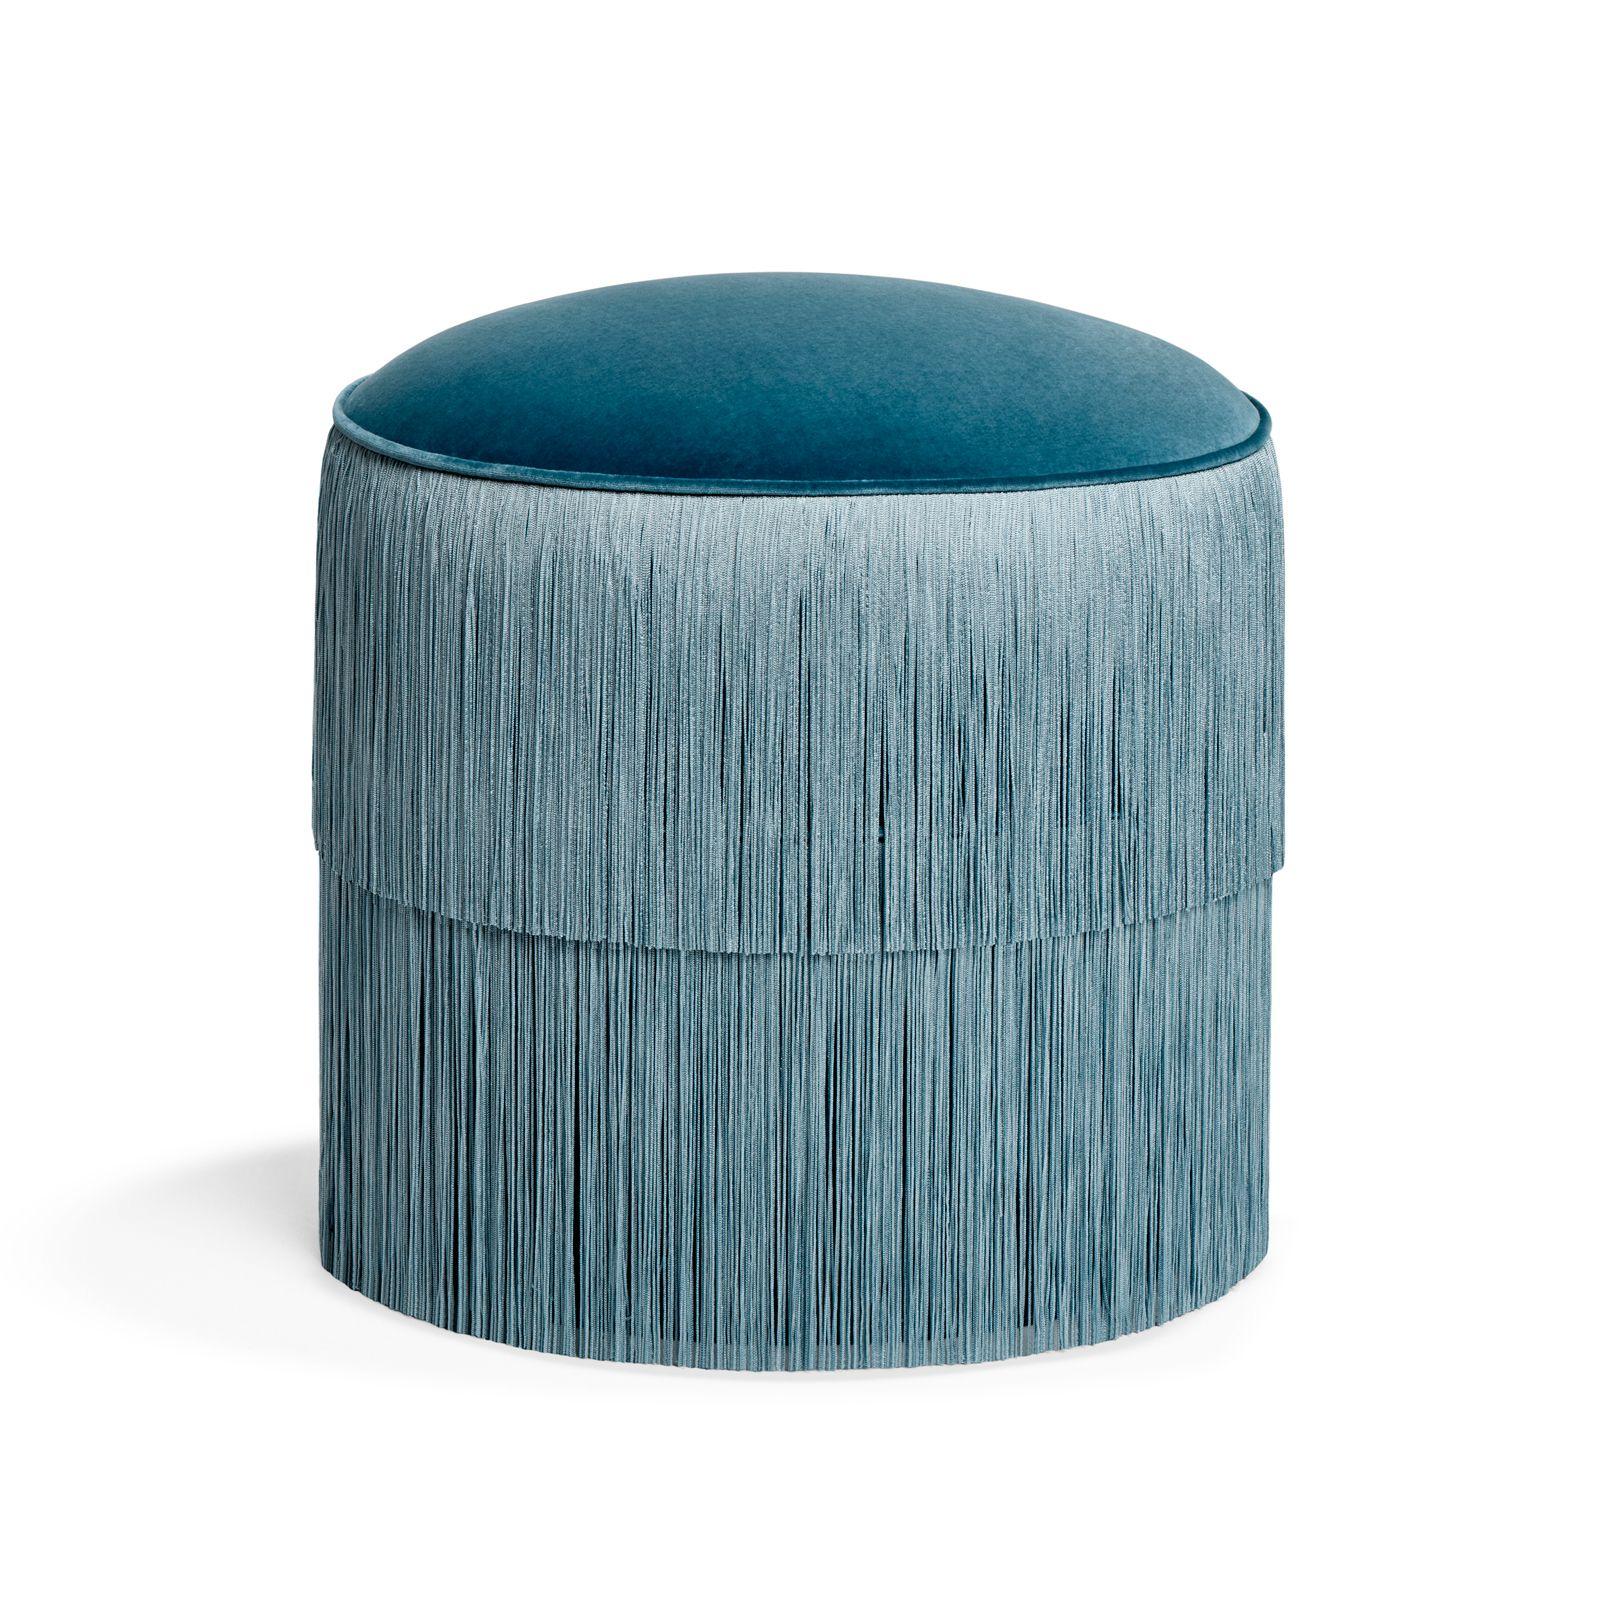 Fringes Stool By Munna Design Furniture Vintage Furniture Ottoman